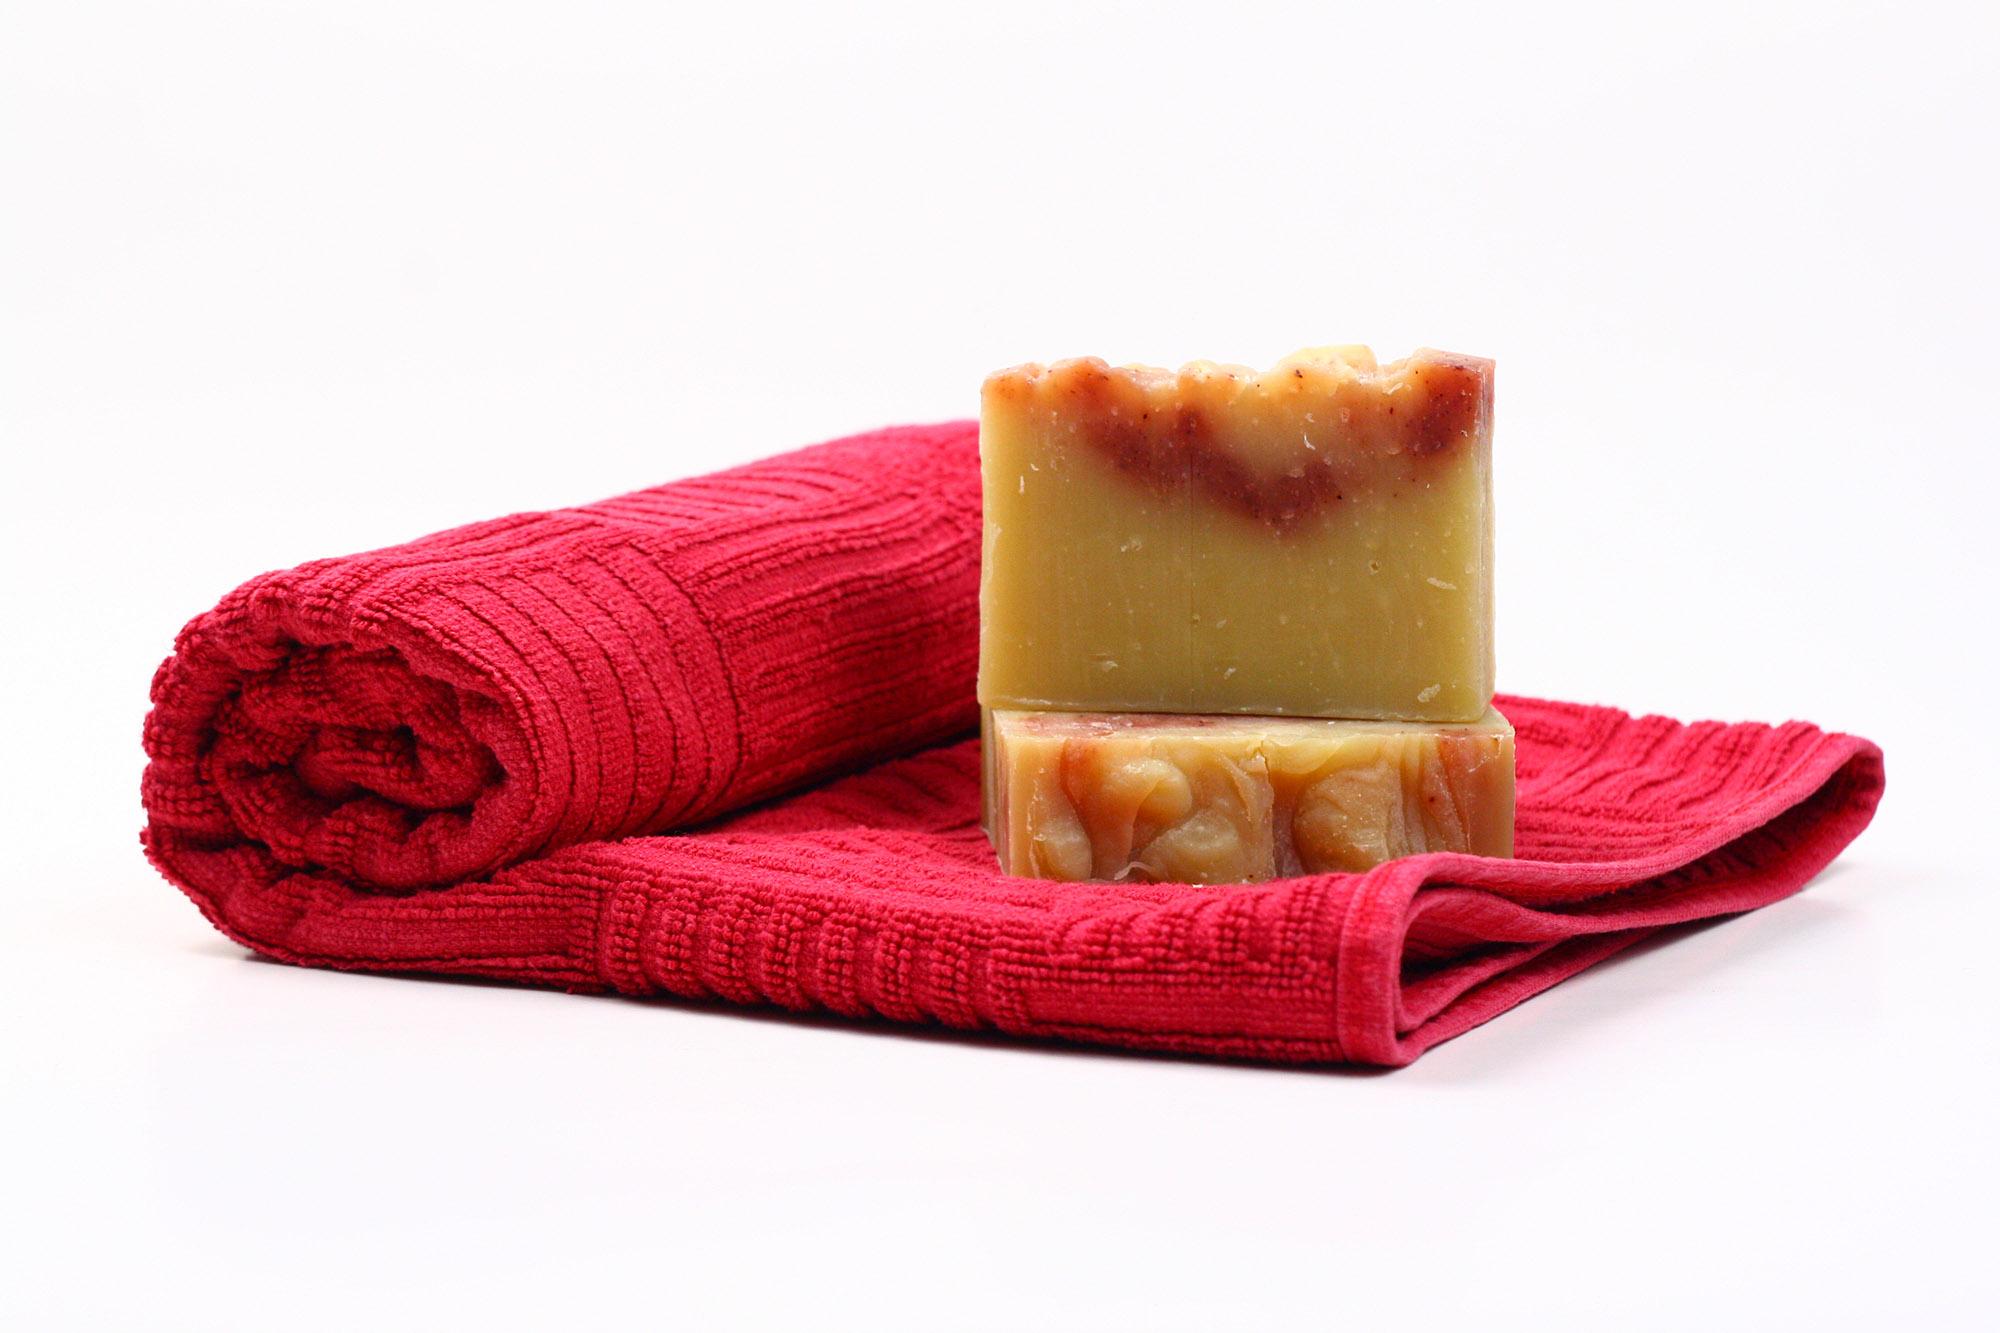 Săpun natural de primăvară cu parfum de cireșe - Promo cu 20% reducere